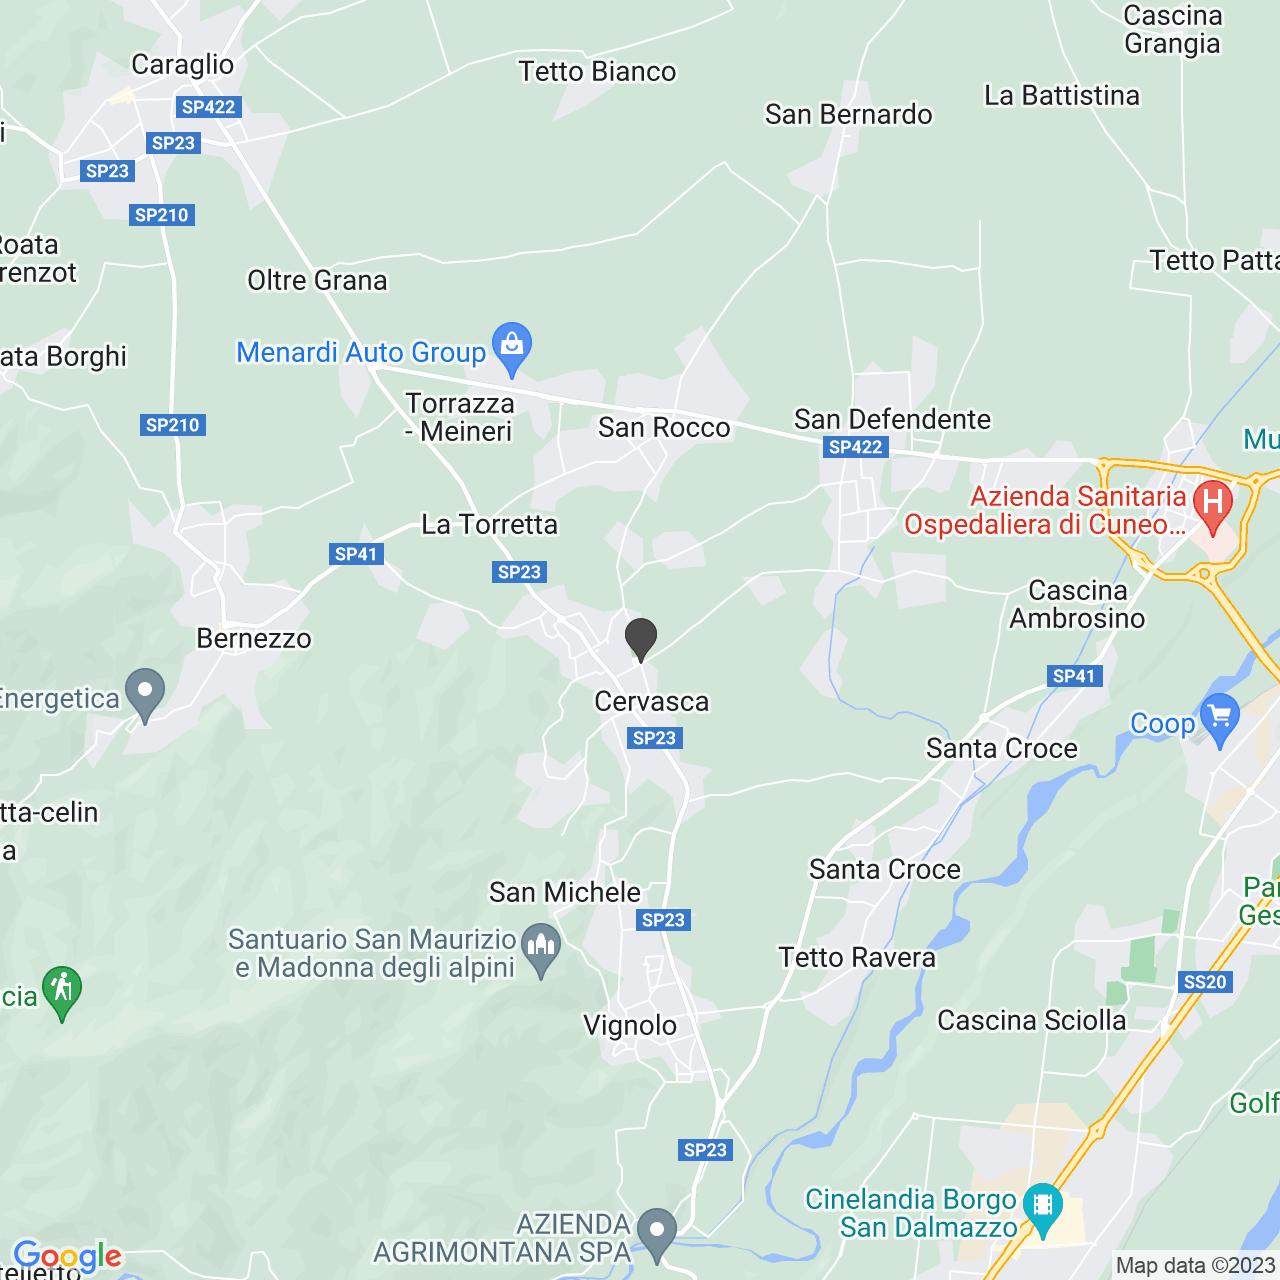 Santuario di San Maurizio / Madonna degli Alpini